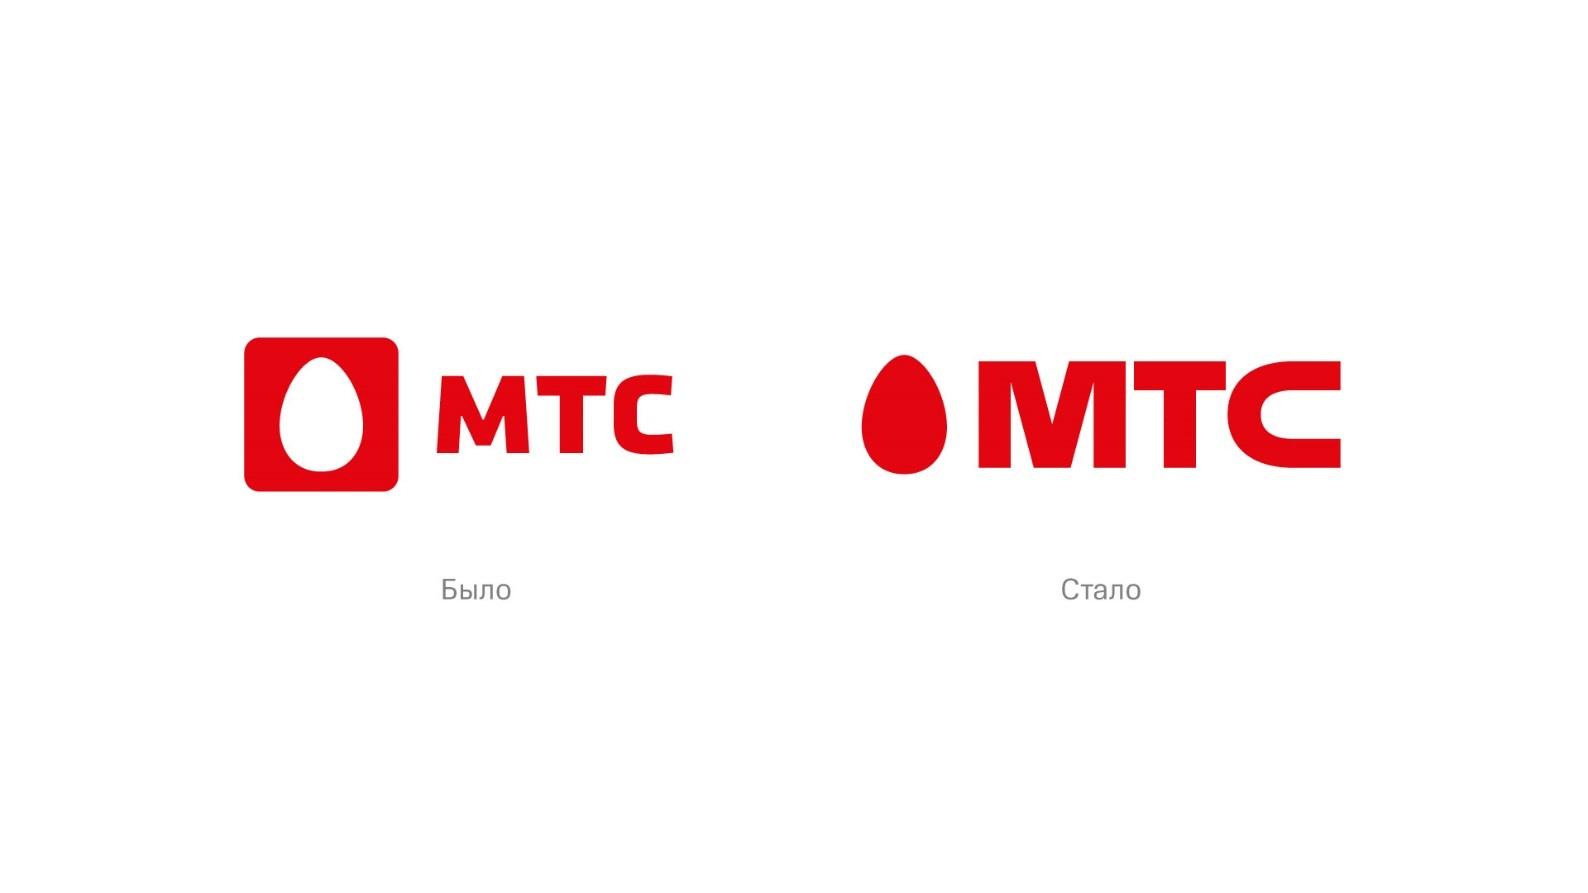 МТС обновляет визуальный стиль и концепцию позиционирования